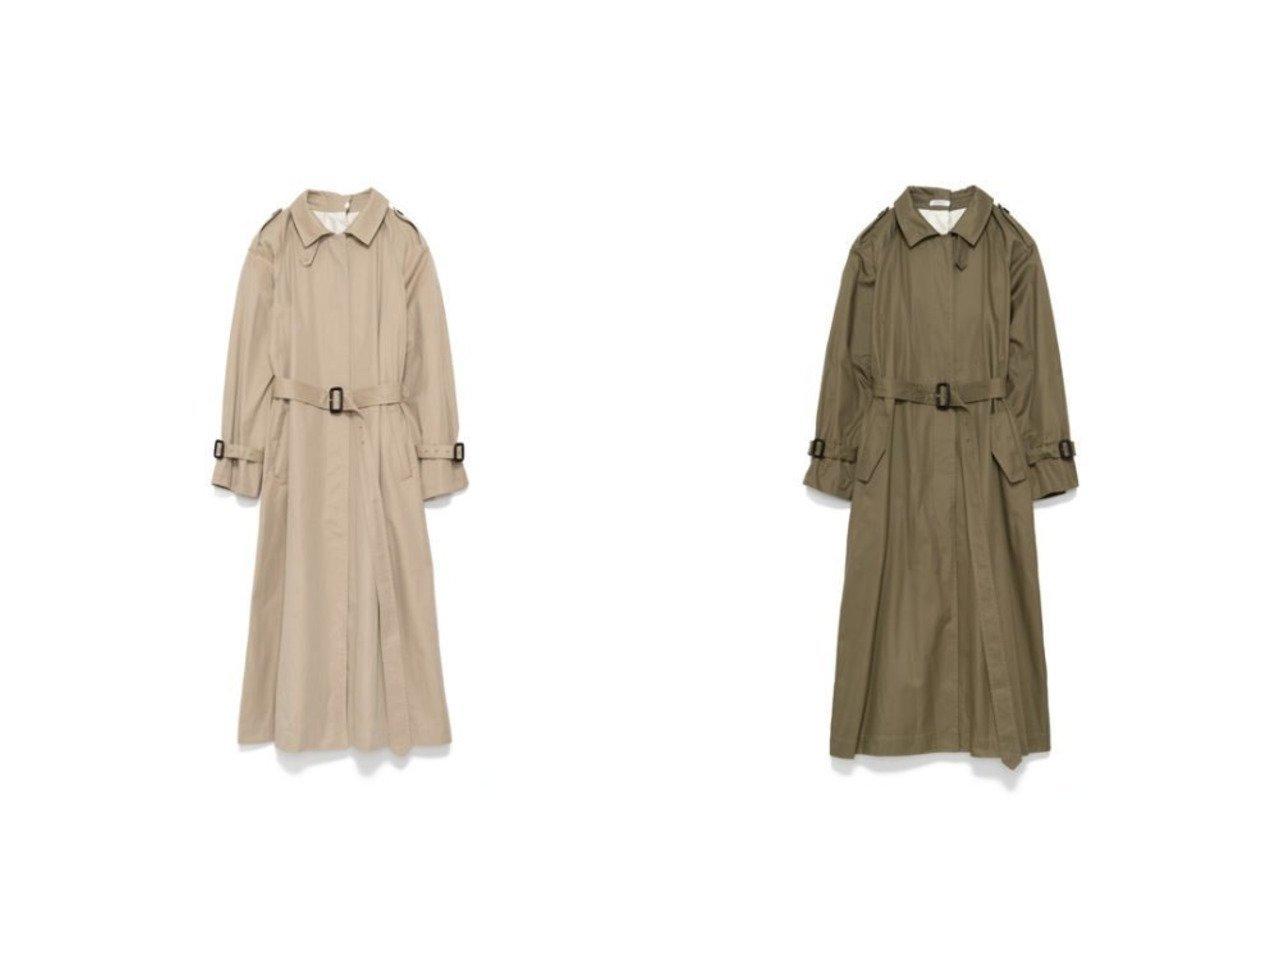 【CASA FLINE/カーサフライン】のモーターサイクルロングコート CASA FLINEのおすすめ!人気、トレンド・レディースファッションの通販 おすすめで人気の流行・トレンド、ファッションの通販商品 メンズファッション・キッズファッション・インテリア・家具・レディースファッション・服の通販 founy(ファニー) https://founy.com/ ファッション Fashion レディースファッション WOMEN アウター Coat Outerwear コート Coats シンプル スタンド スリーブ マニッシュ ロング |ID:crp329100000018049